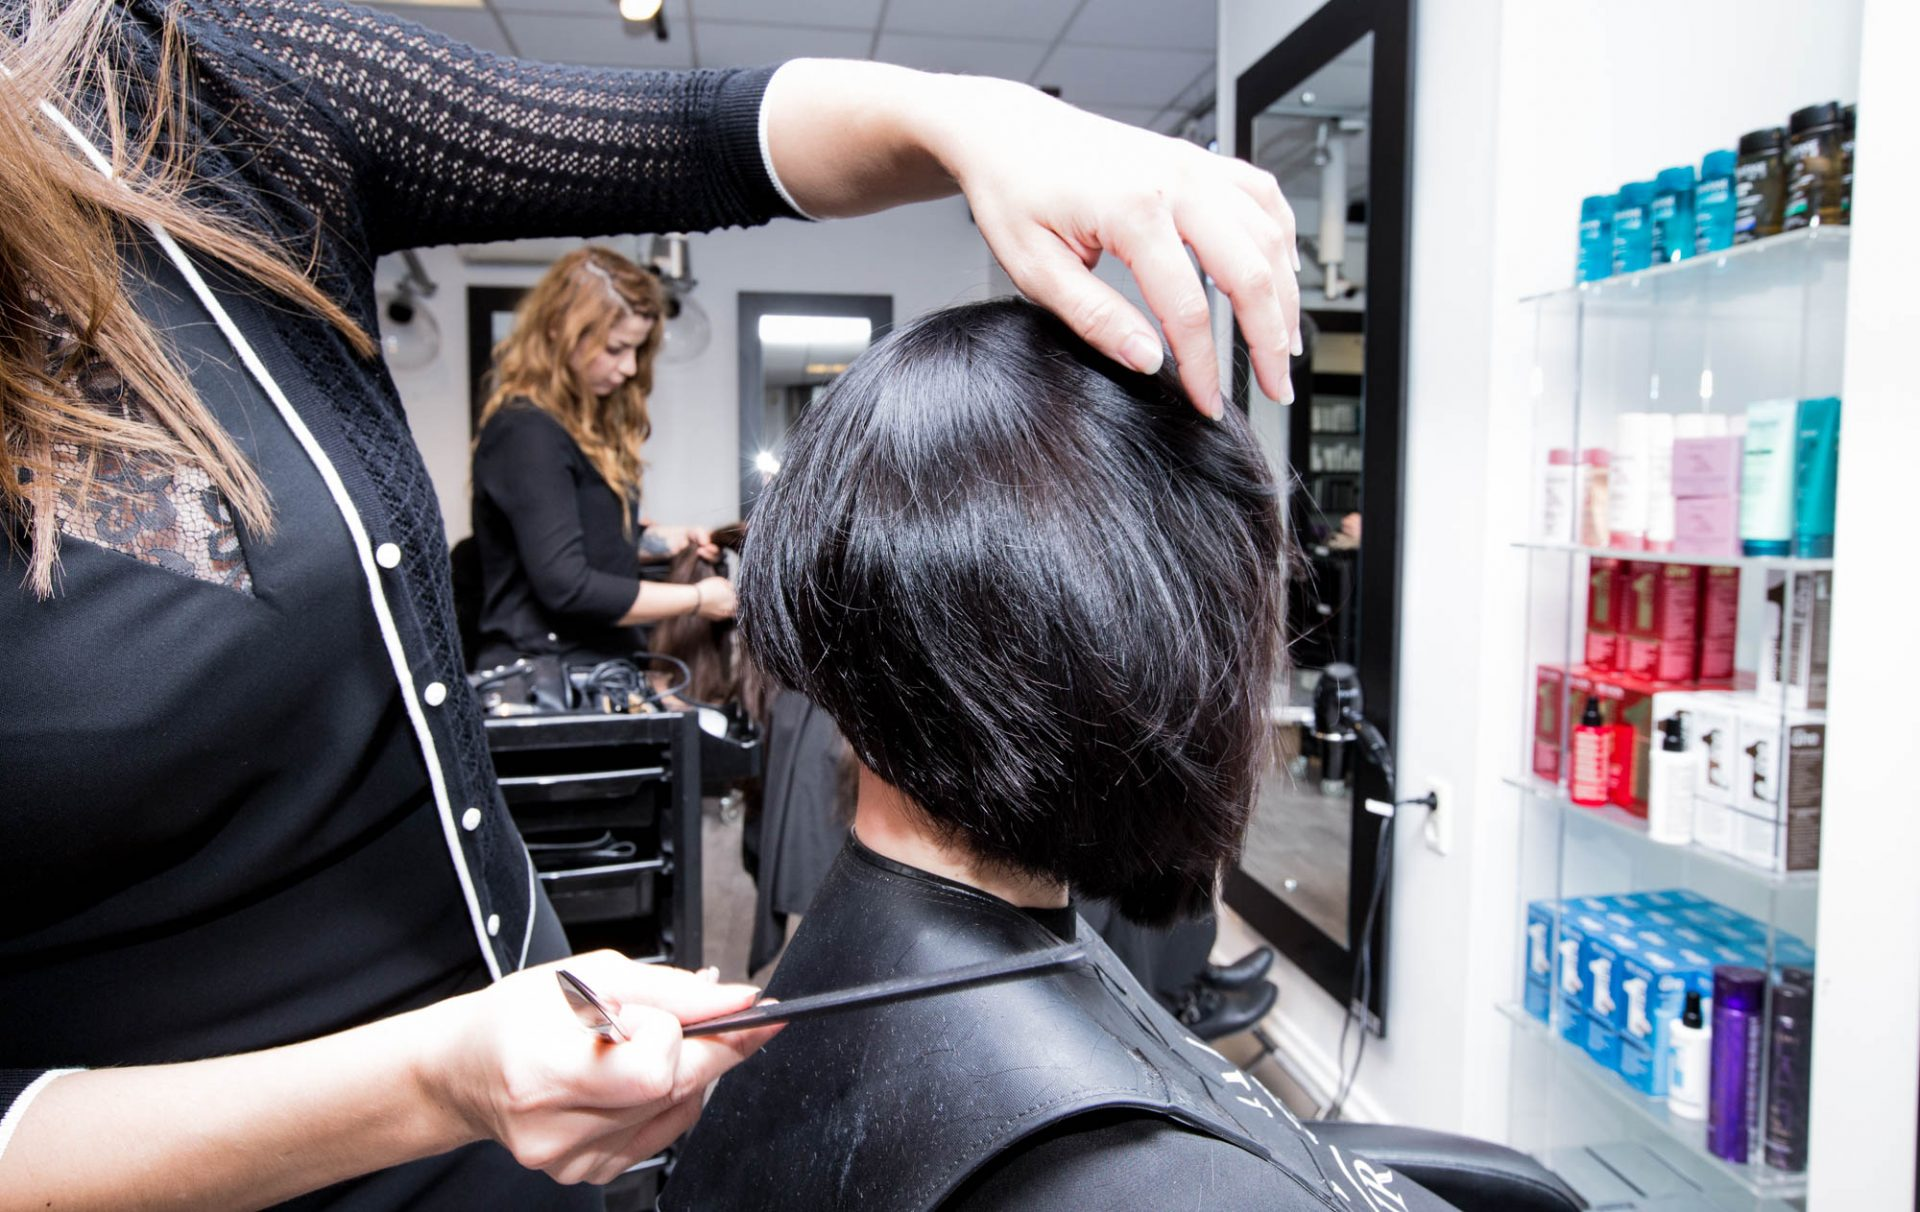 Frisørsalon Valby, Frederiksberg, Hvidovre, kunde får klippet håret